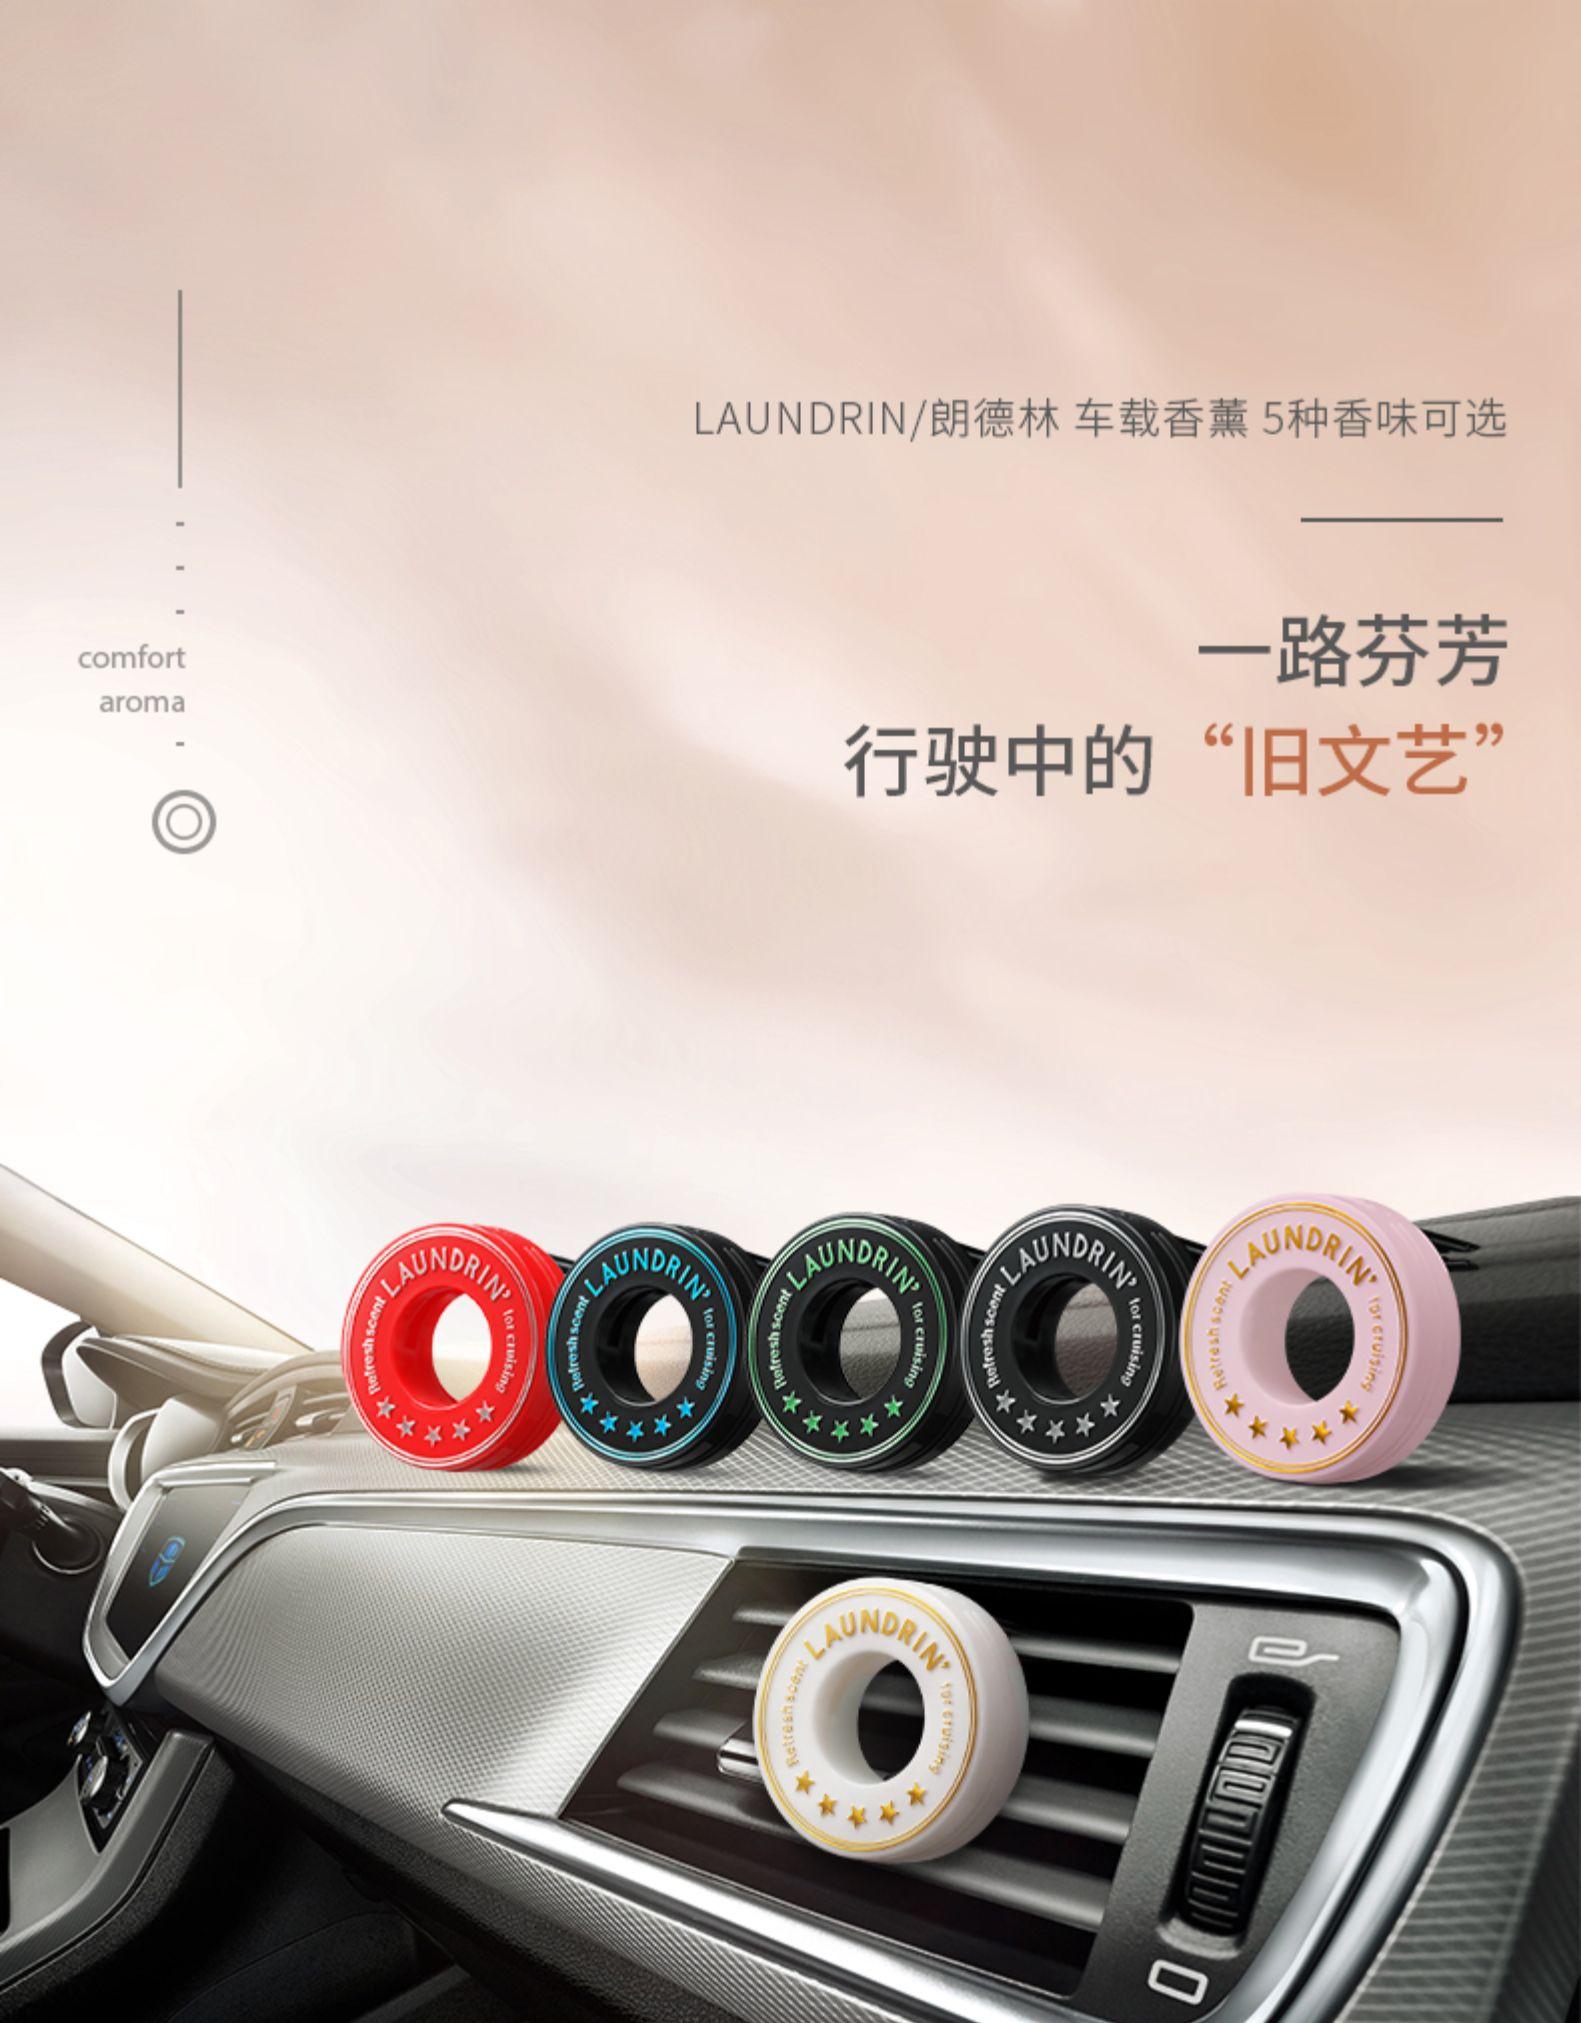 日本进口 Laundrin 朗德林 车载香薰 双重优惠折后¥38包邮包税 多香型可选